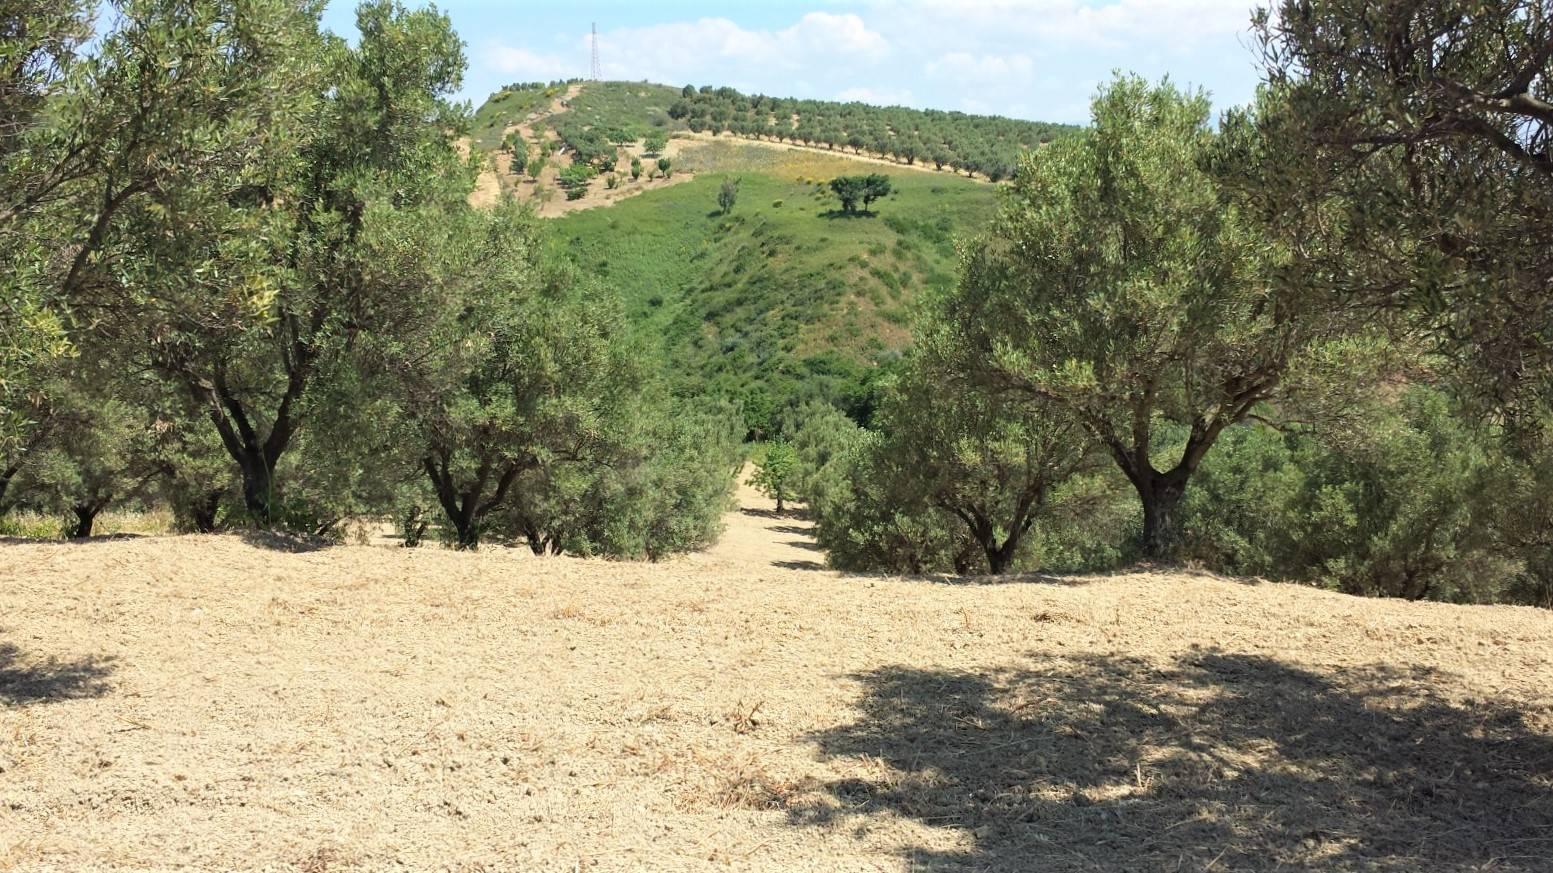 Terreno Agricolo in vendita a Borgia, 1 locali, zona Zona: Vallo, prezzo € 21.500 | CambioCasa.it